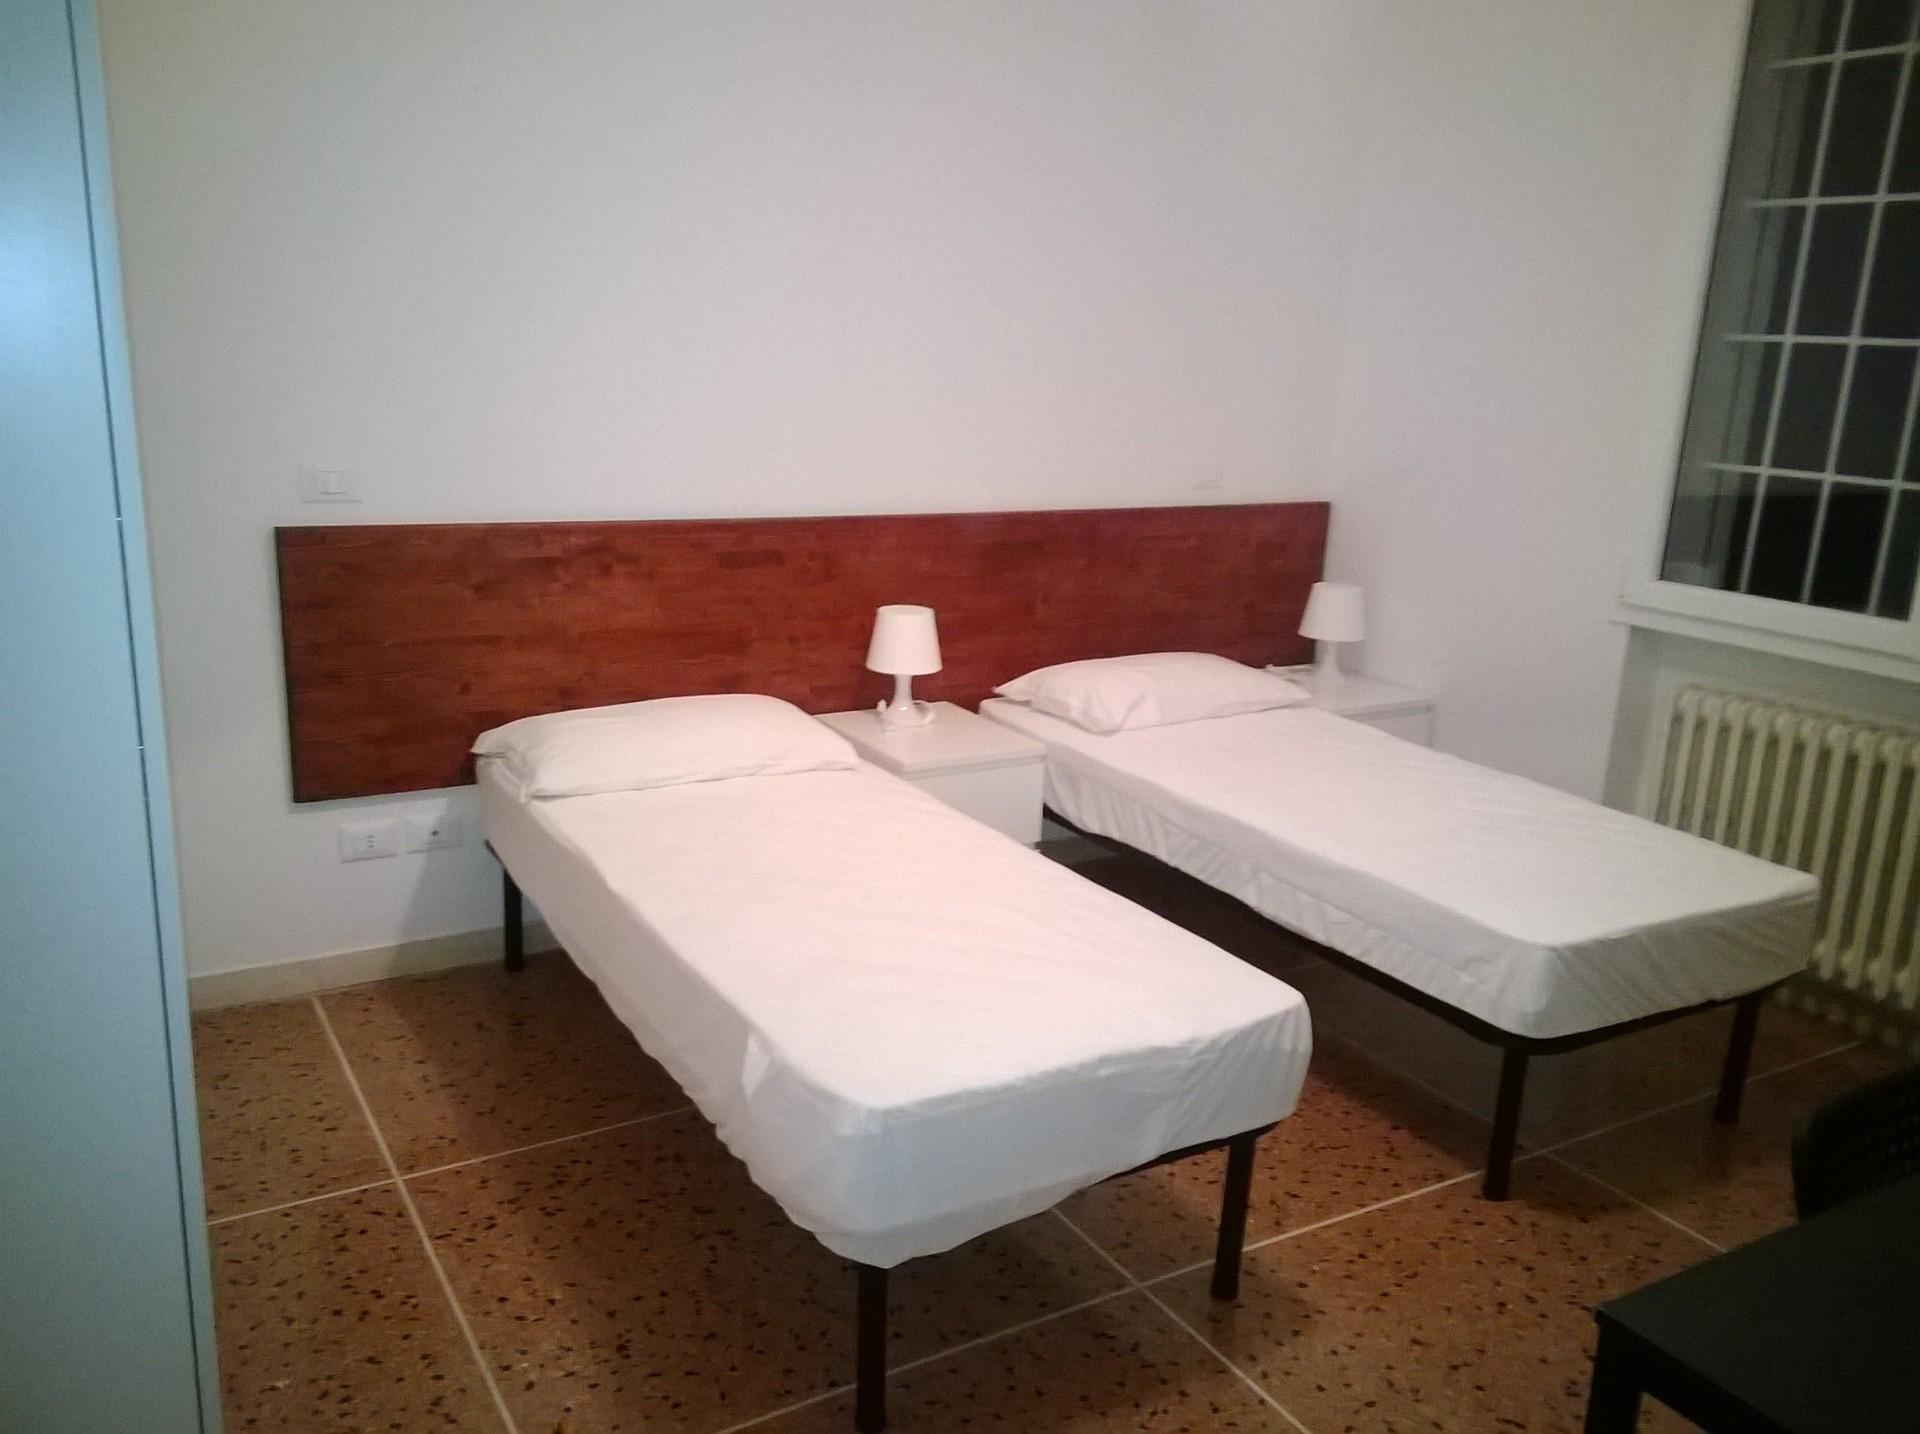 Appartamento con 2 stanze doppie a bologna costa saragozza for Affitto stanza bologna